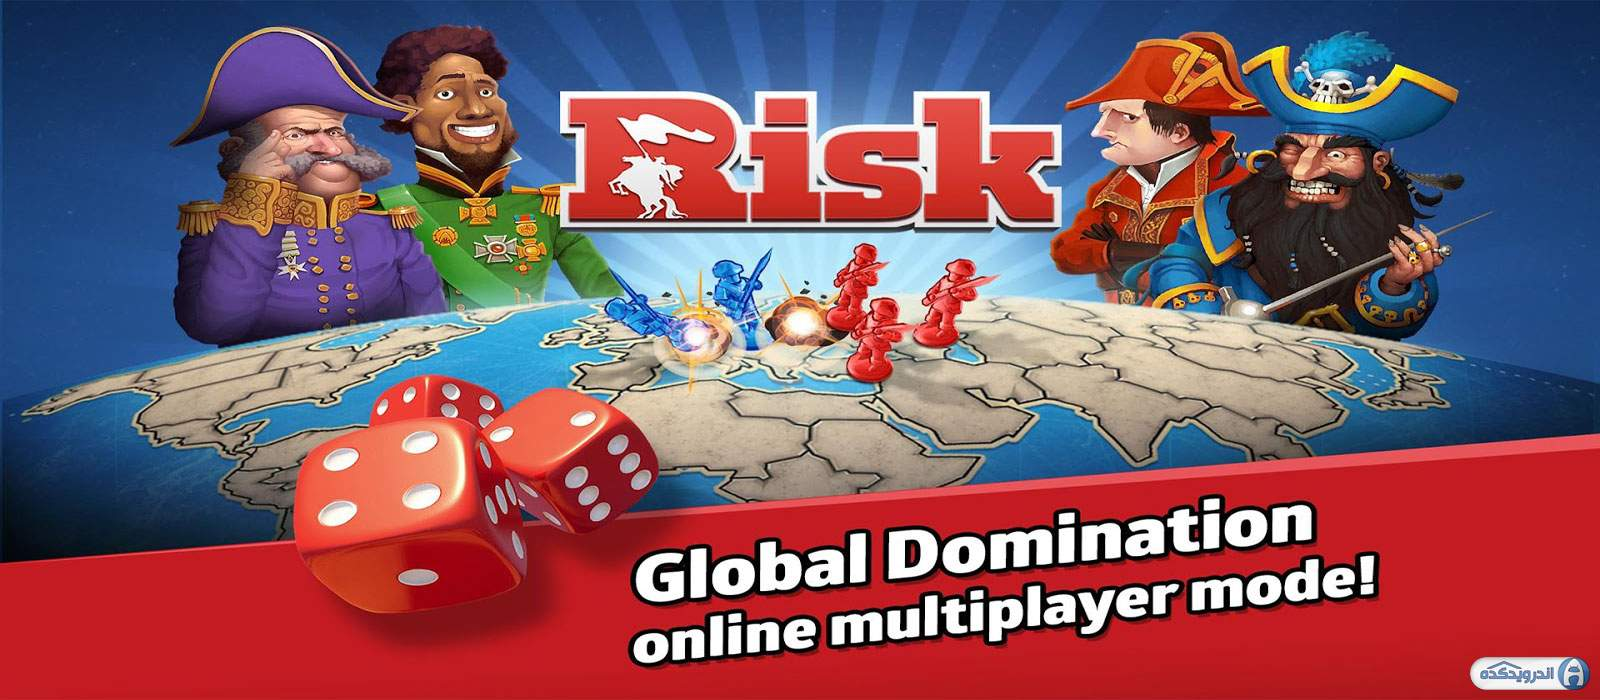 دانلود RISK: Global Domination 3.3.1 بازی خطر:فرمانروایی و سلطه بر جهان اندروید + مود